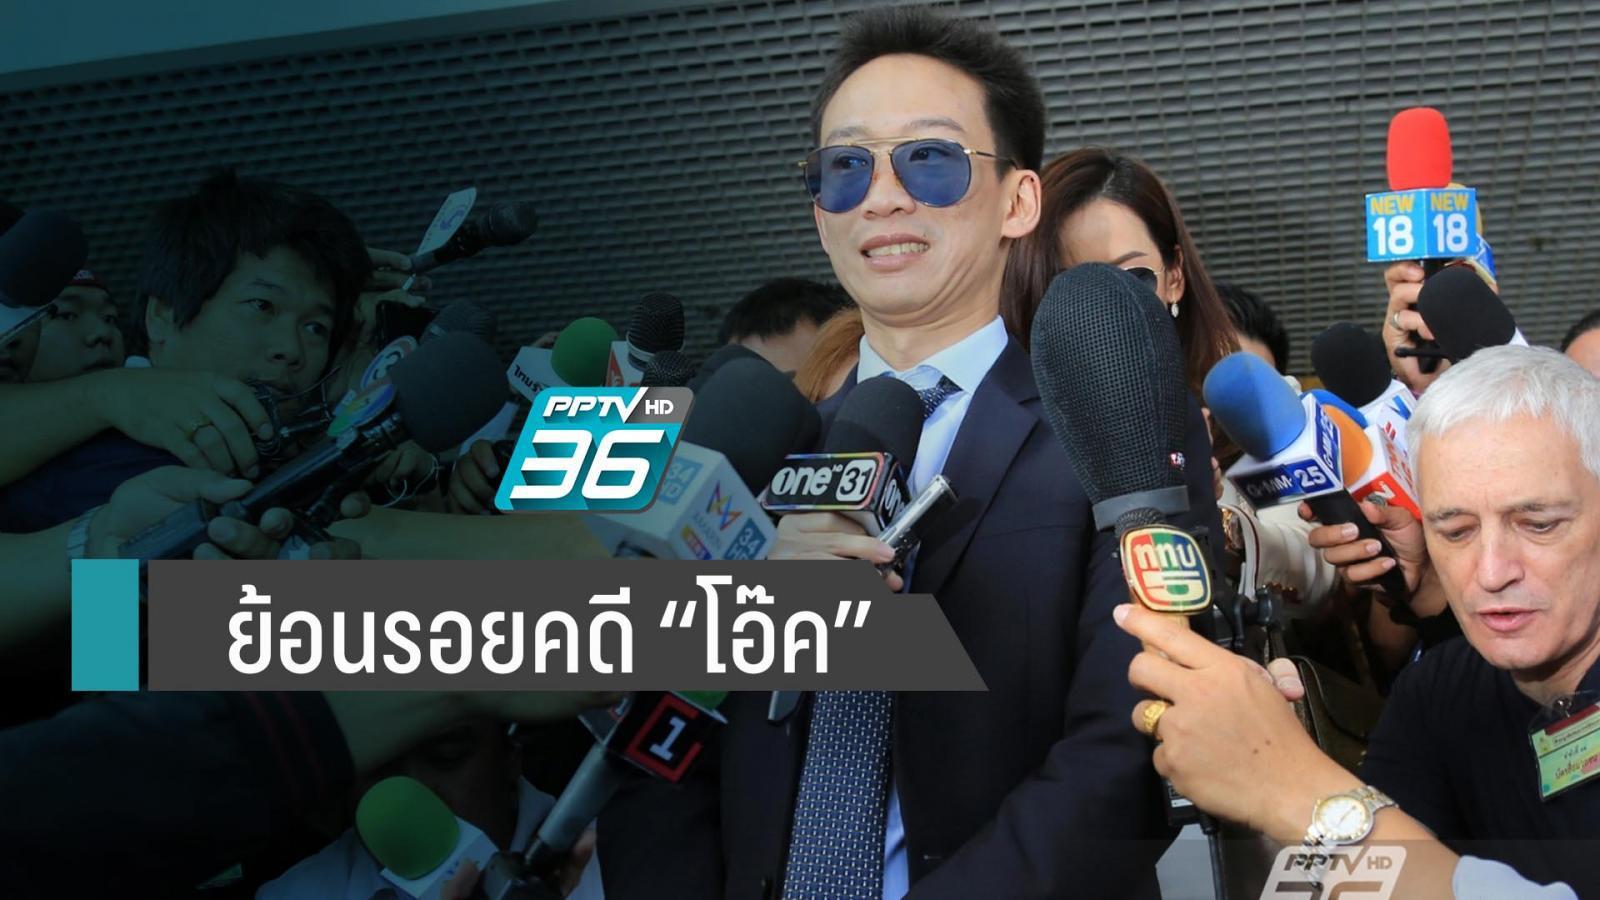 """ย้อนรอยคดี """"โอ๊ค-พานทองแท้"""" เส้นทางเงินกรุงไทย ก่อนศาลยกฟ้อง"""